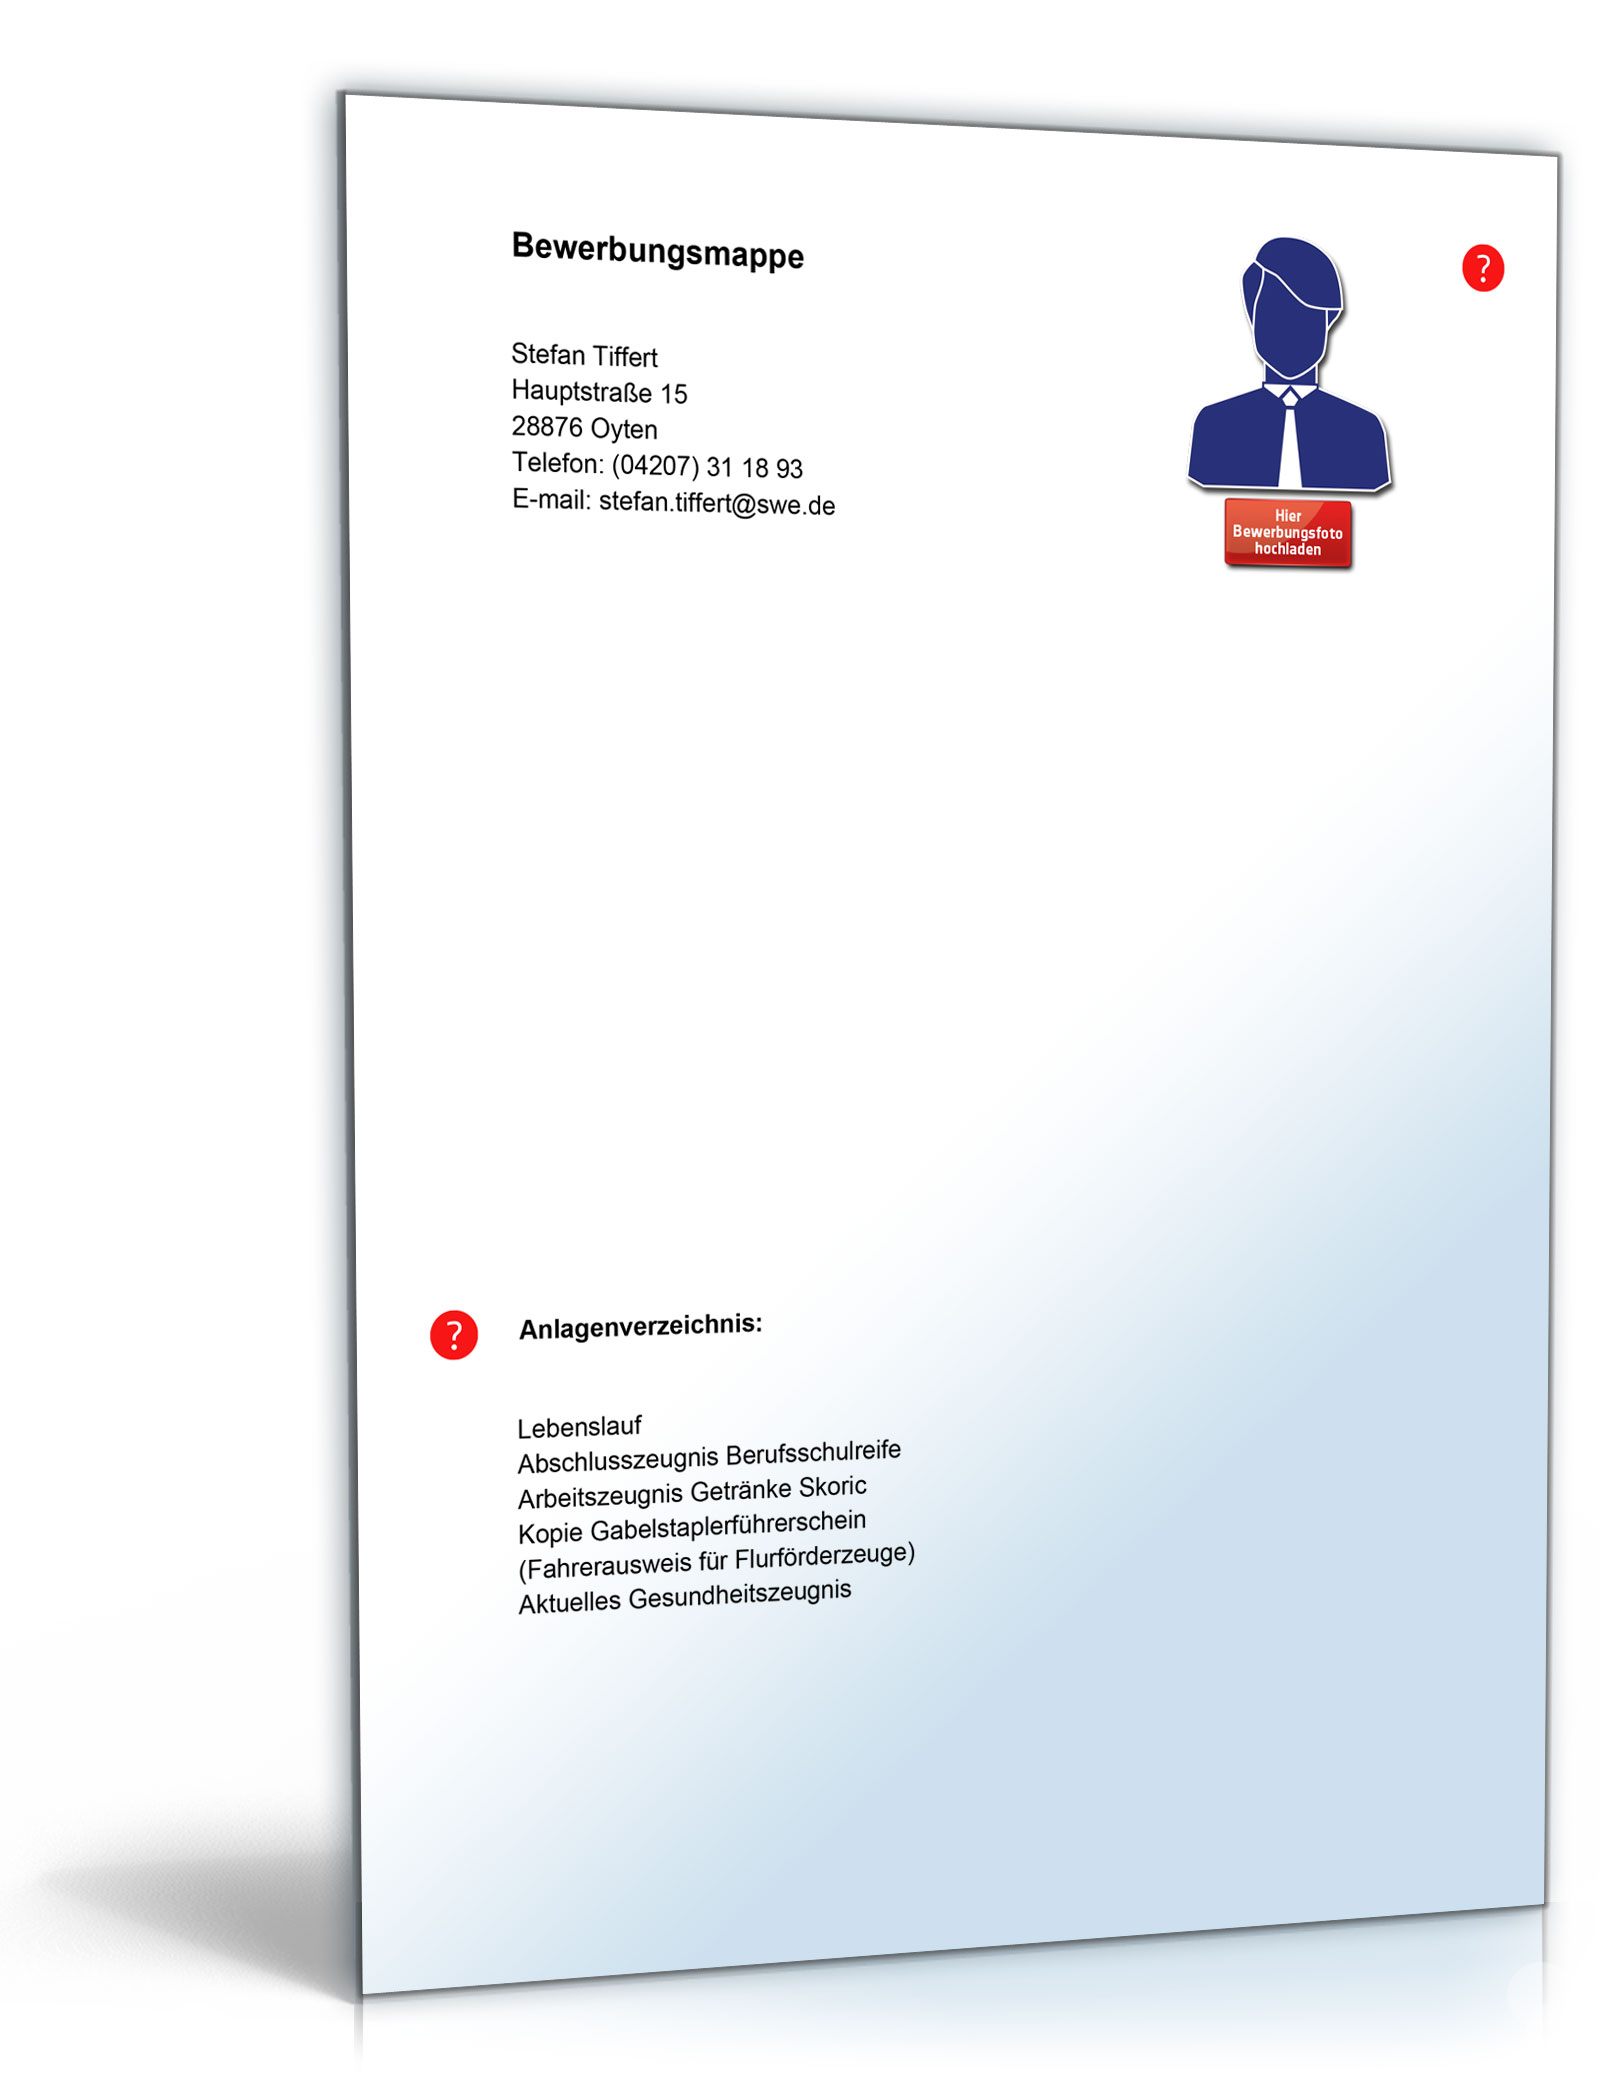 Wunderbar Business Lebenslauf Terminologie Galerie - Beispiel ...